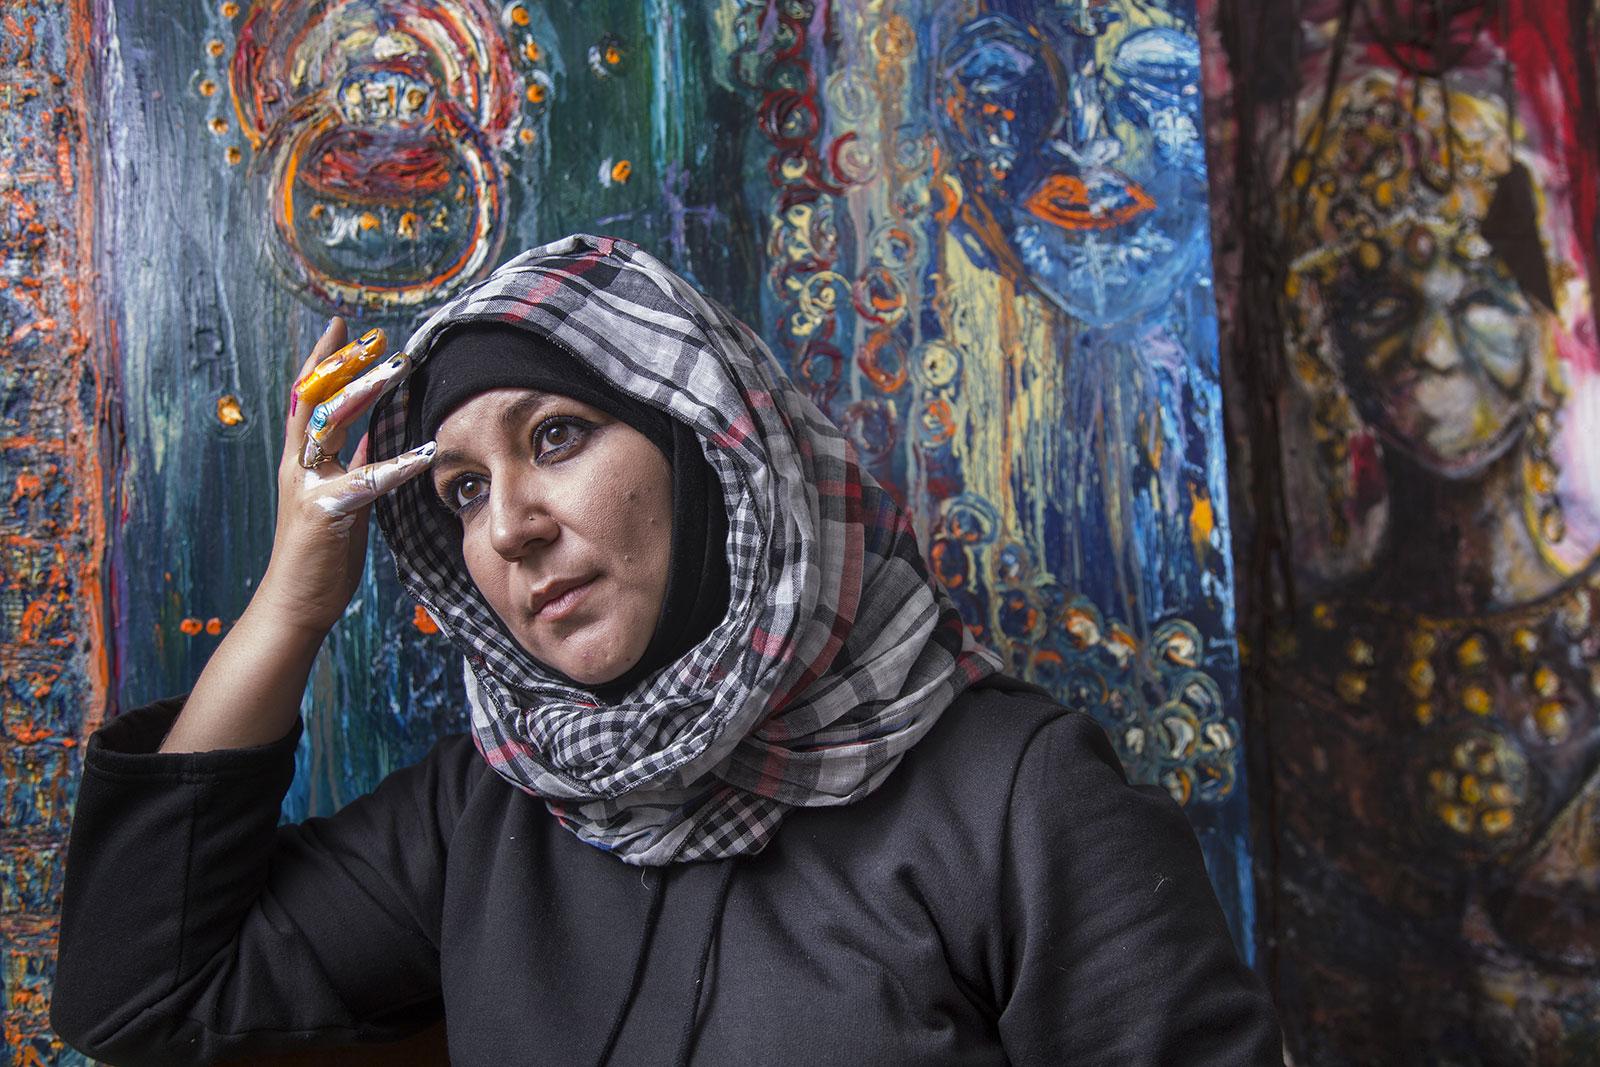 Rencontre canada musulmane